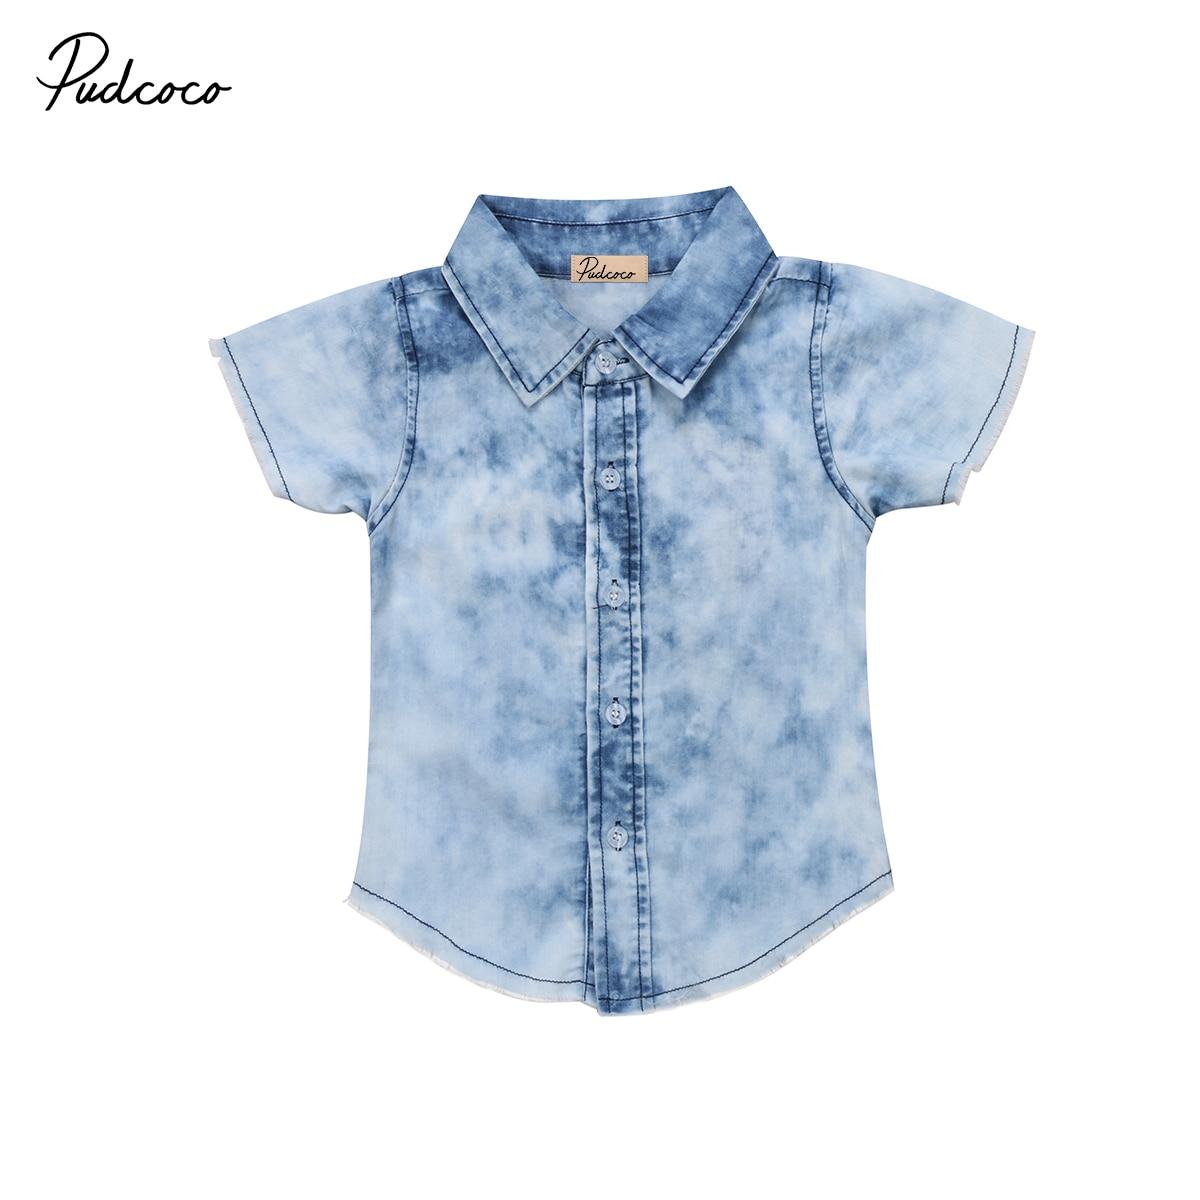 Shirts Suche Nach FlüGen Kinder Jungen Kleidung Neugeborene Kleinkind Kinder Baby Jungen Kurzarm Denim Blusen Shirts Kinder Tops Jean Kinder Kleidung 2-y 100% Garantie